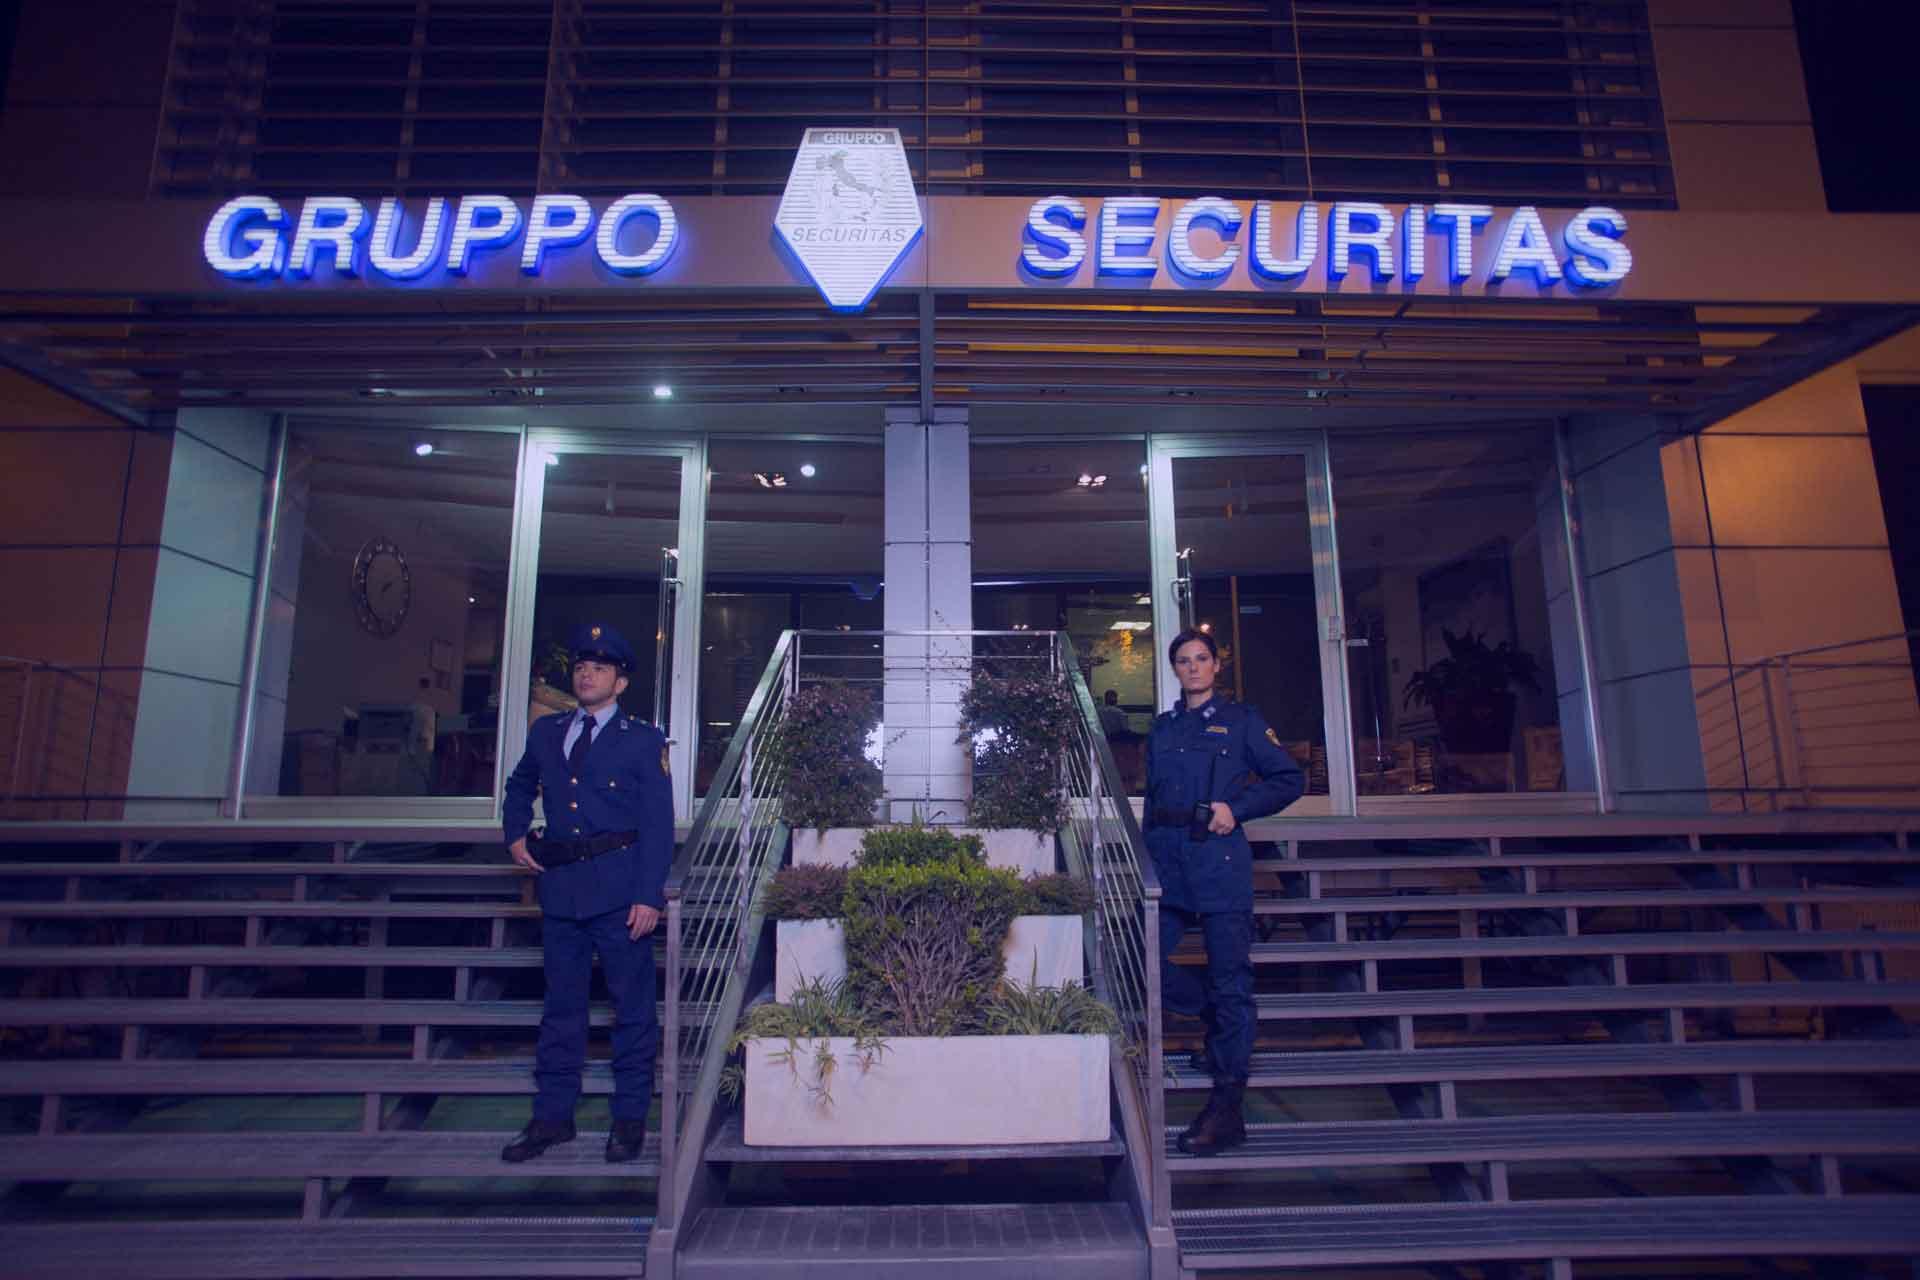 Gruppo Securitas Metronotte